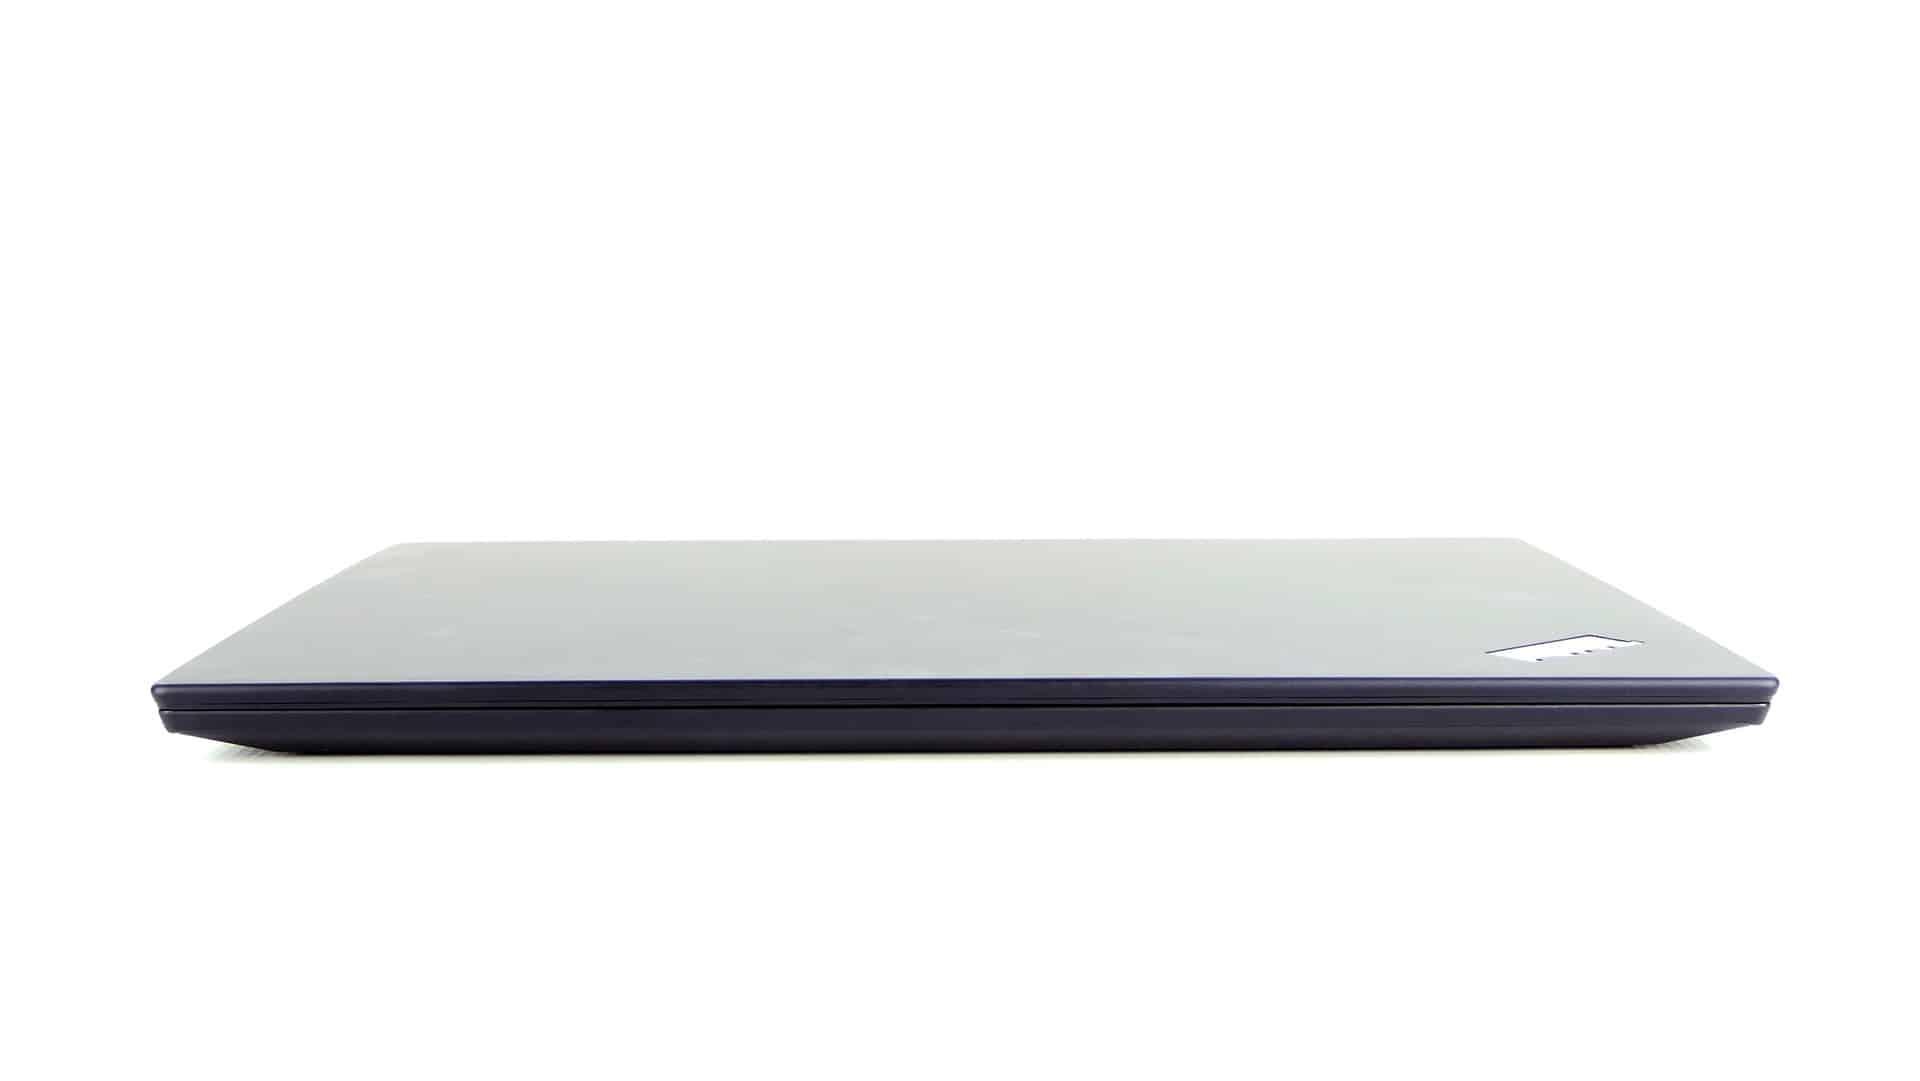 Lenovo ThinkPad T480s - przód notebooka